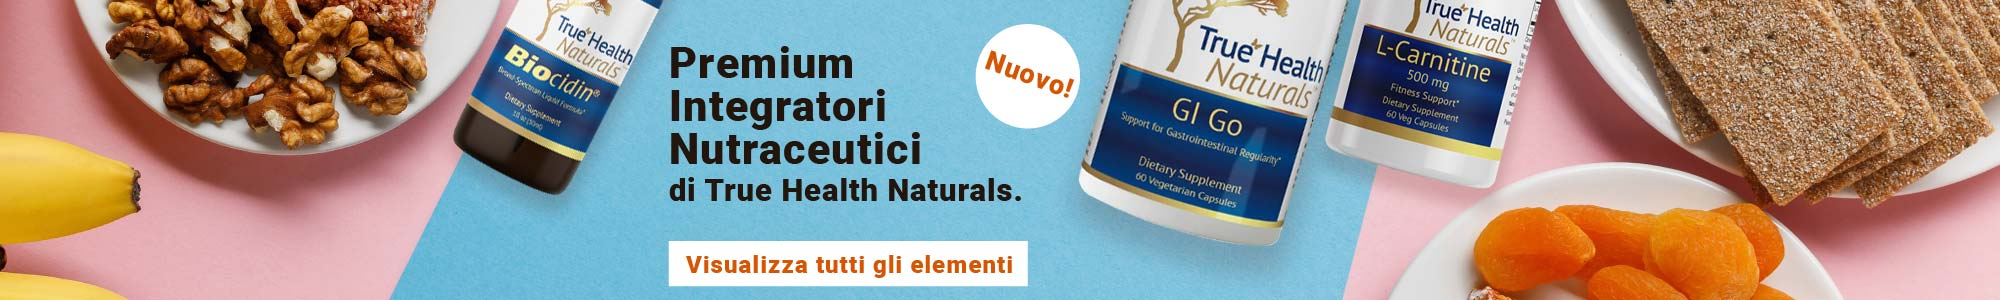 Nuovo! Premium Integratori Nutraceutici di True Health Naturals. Visualizza tutti gli elementi.